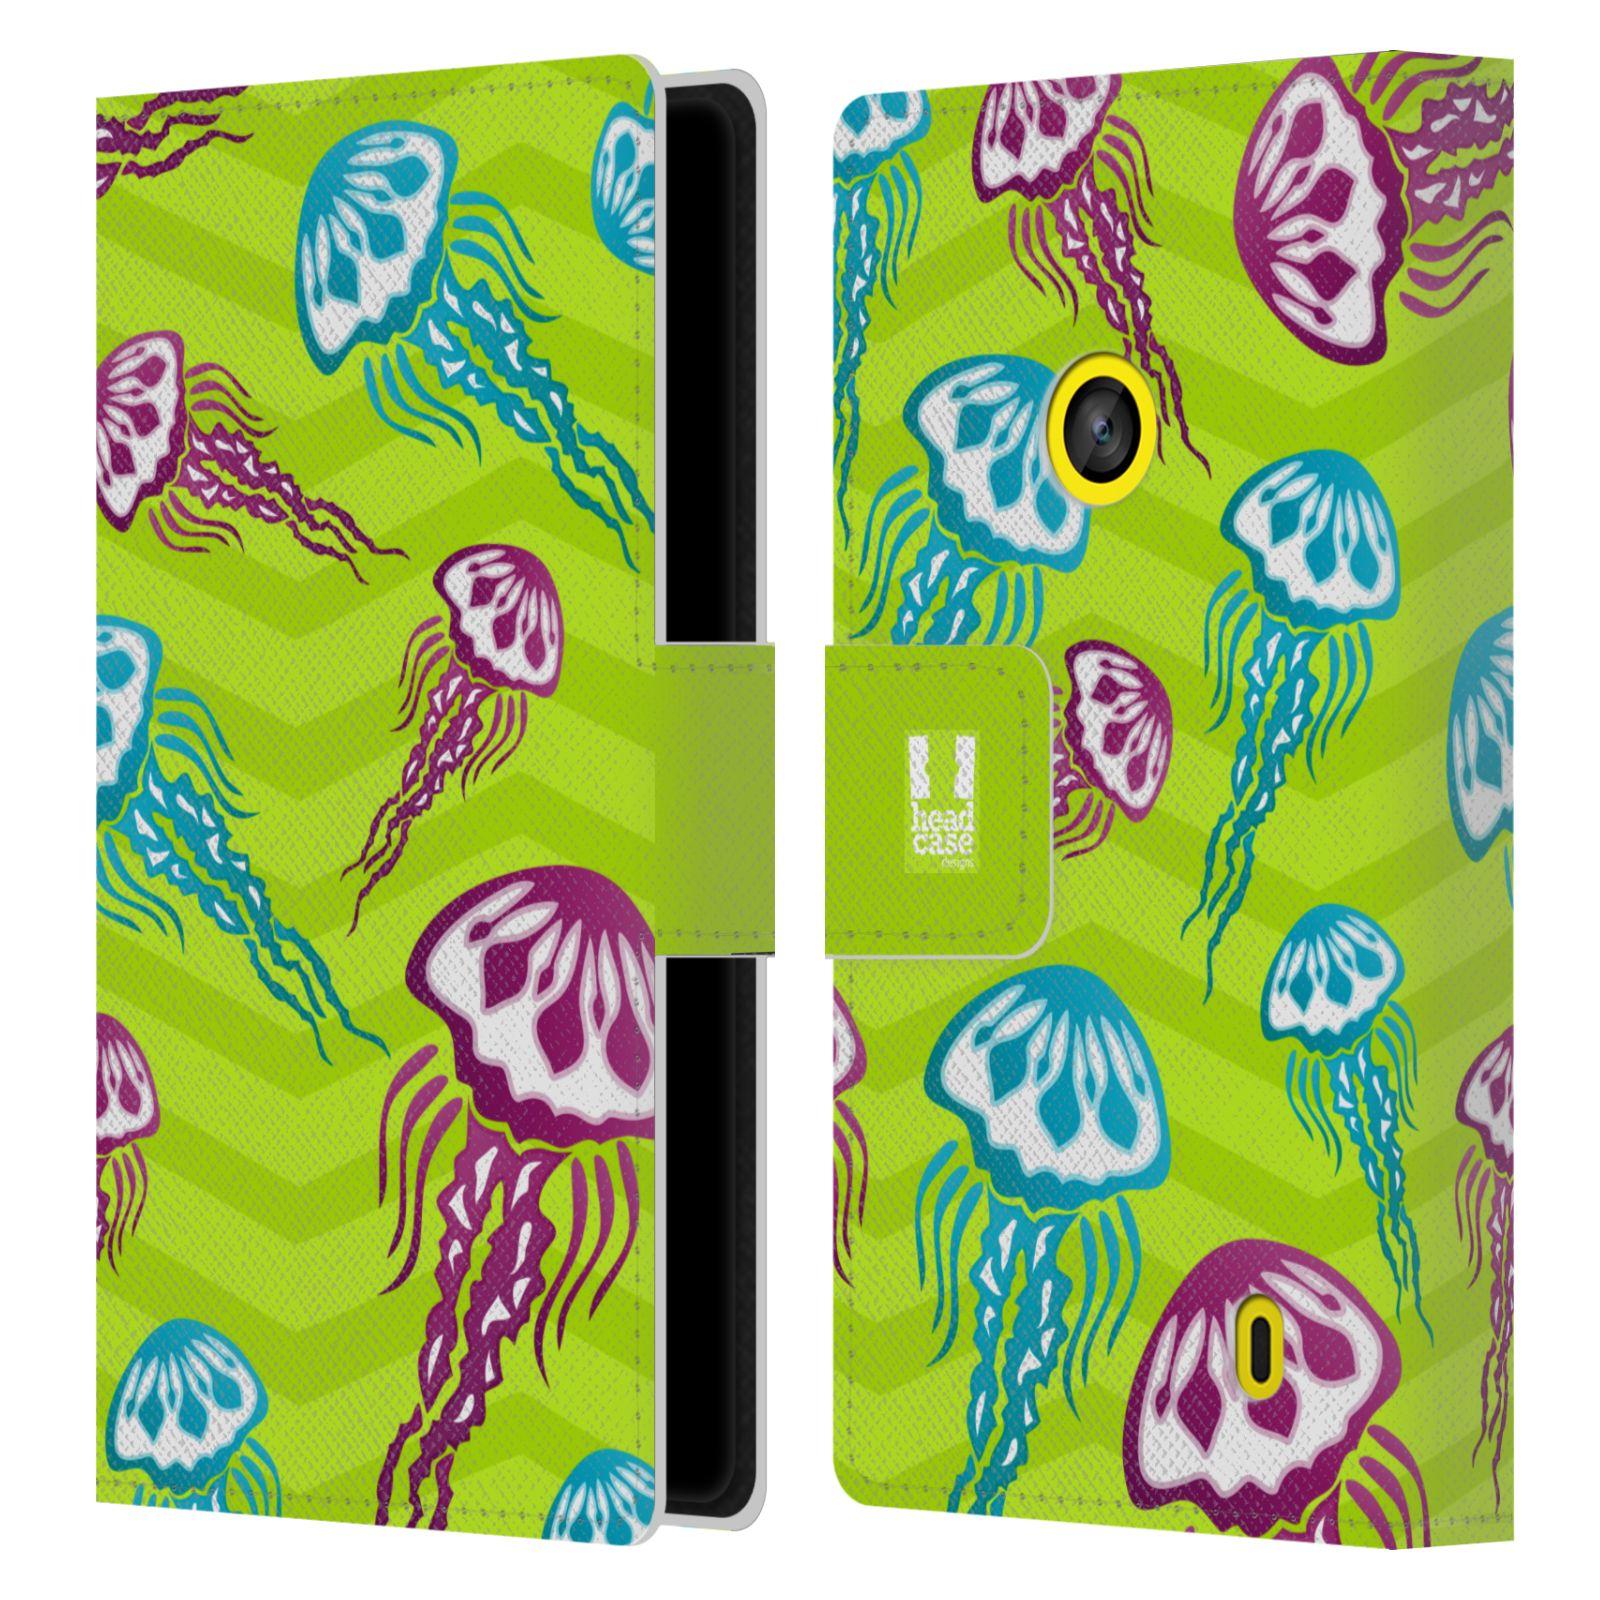 HEAD CASE Flipové pouzdro pro mobil NOKIA LUMIA 520 / 525 Mořský živočich medůza zelená barva